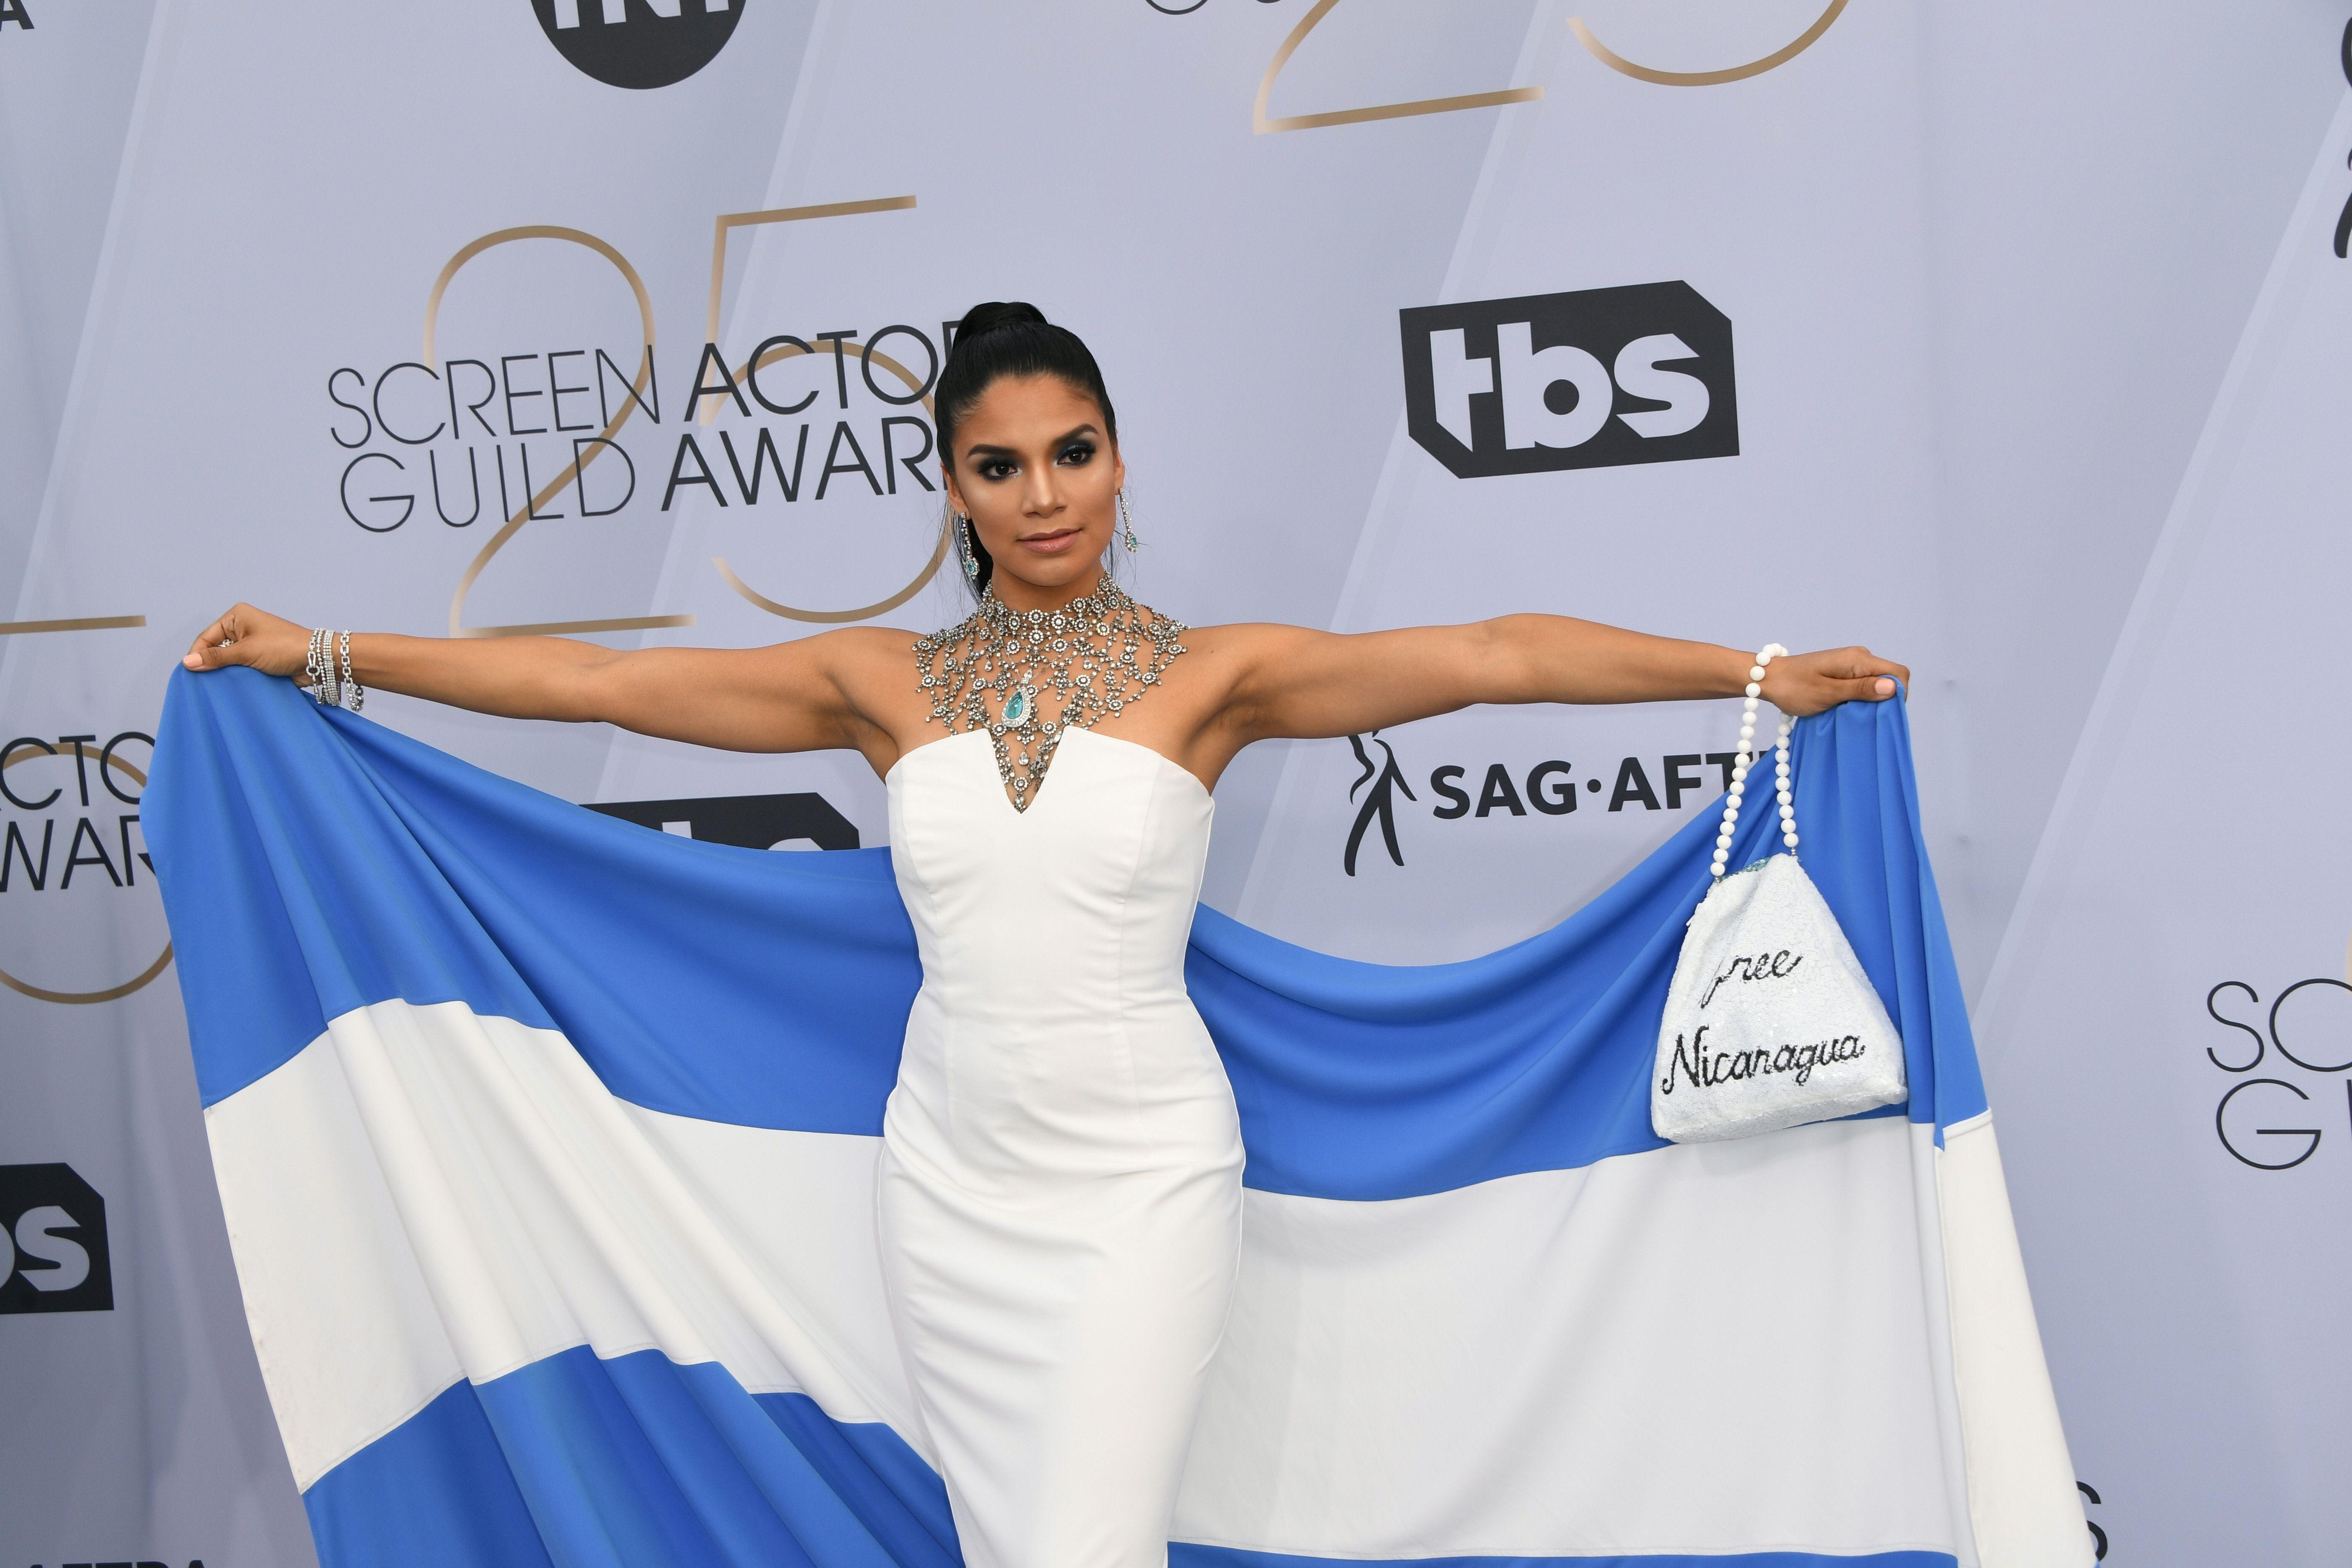 Shakira Barrera durante la 25 entrega de los premios SAG se presentó vistiendo un atuendo con un mensaje por Nicaragua. (Foto Prensa Libre: Photo by Mark RALSTON / AFP)